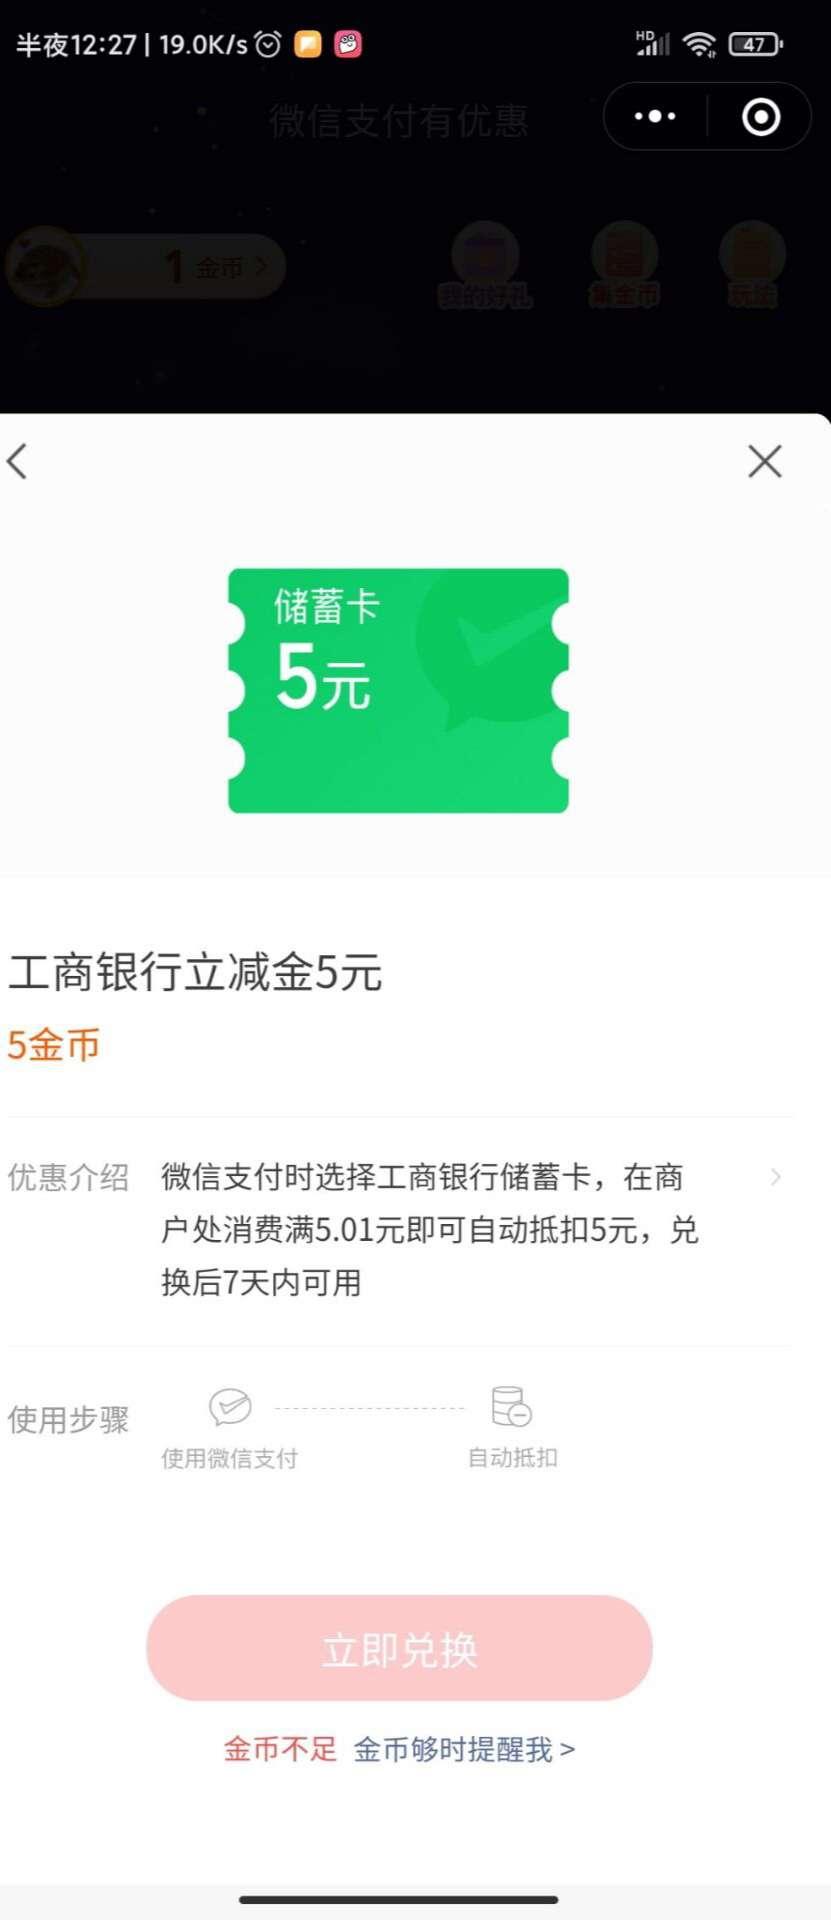 微信五元立减金